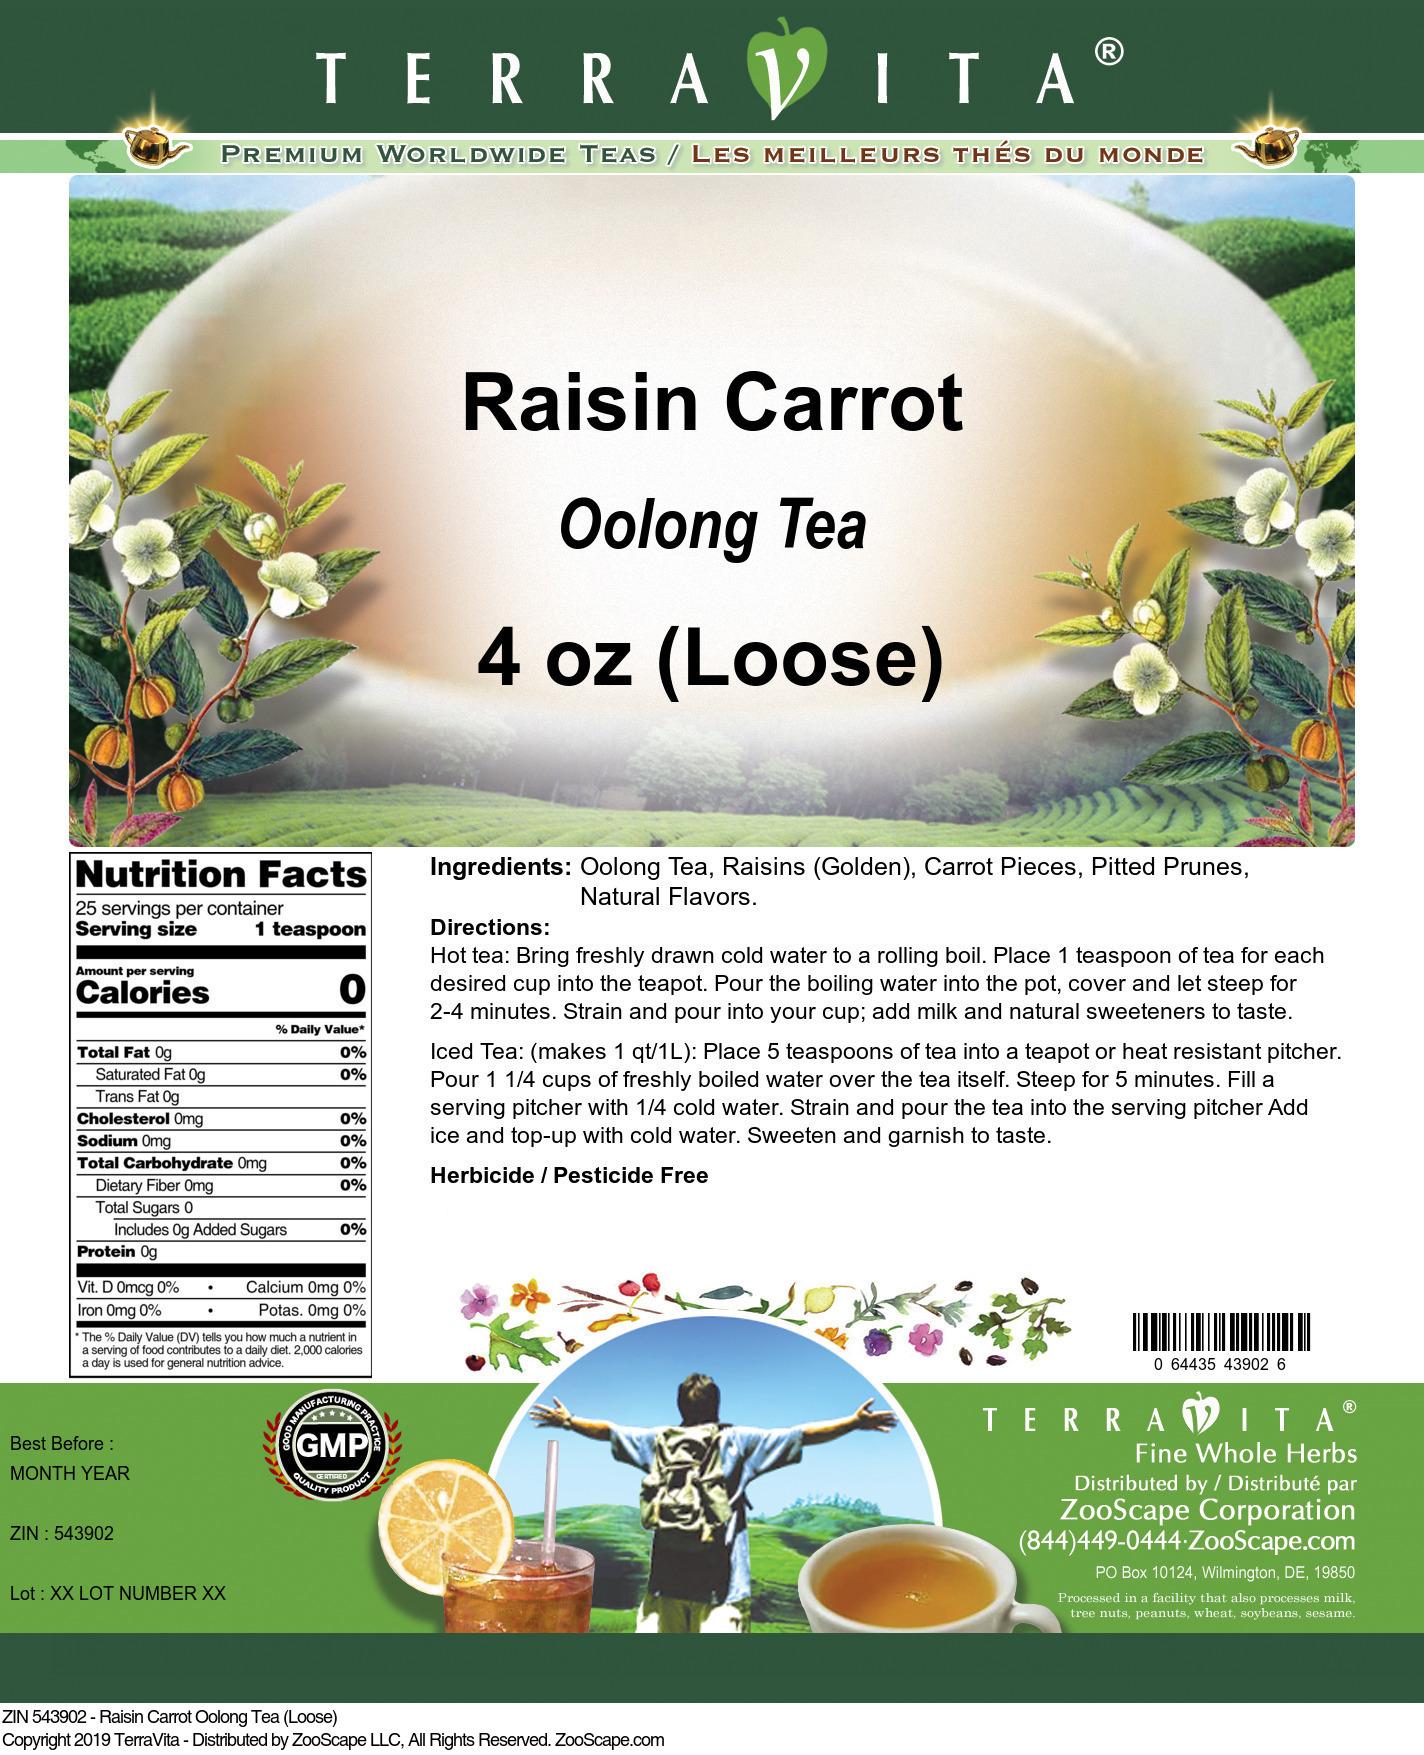 Raisin Carrot Oolong Tea (Loose)